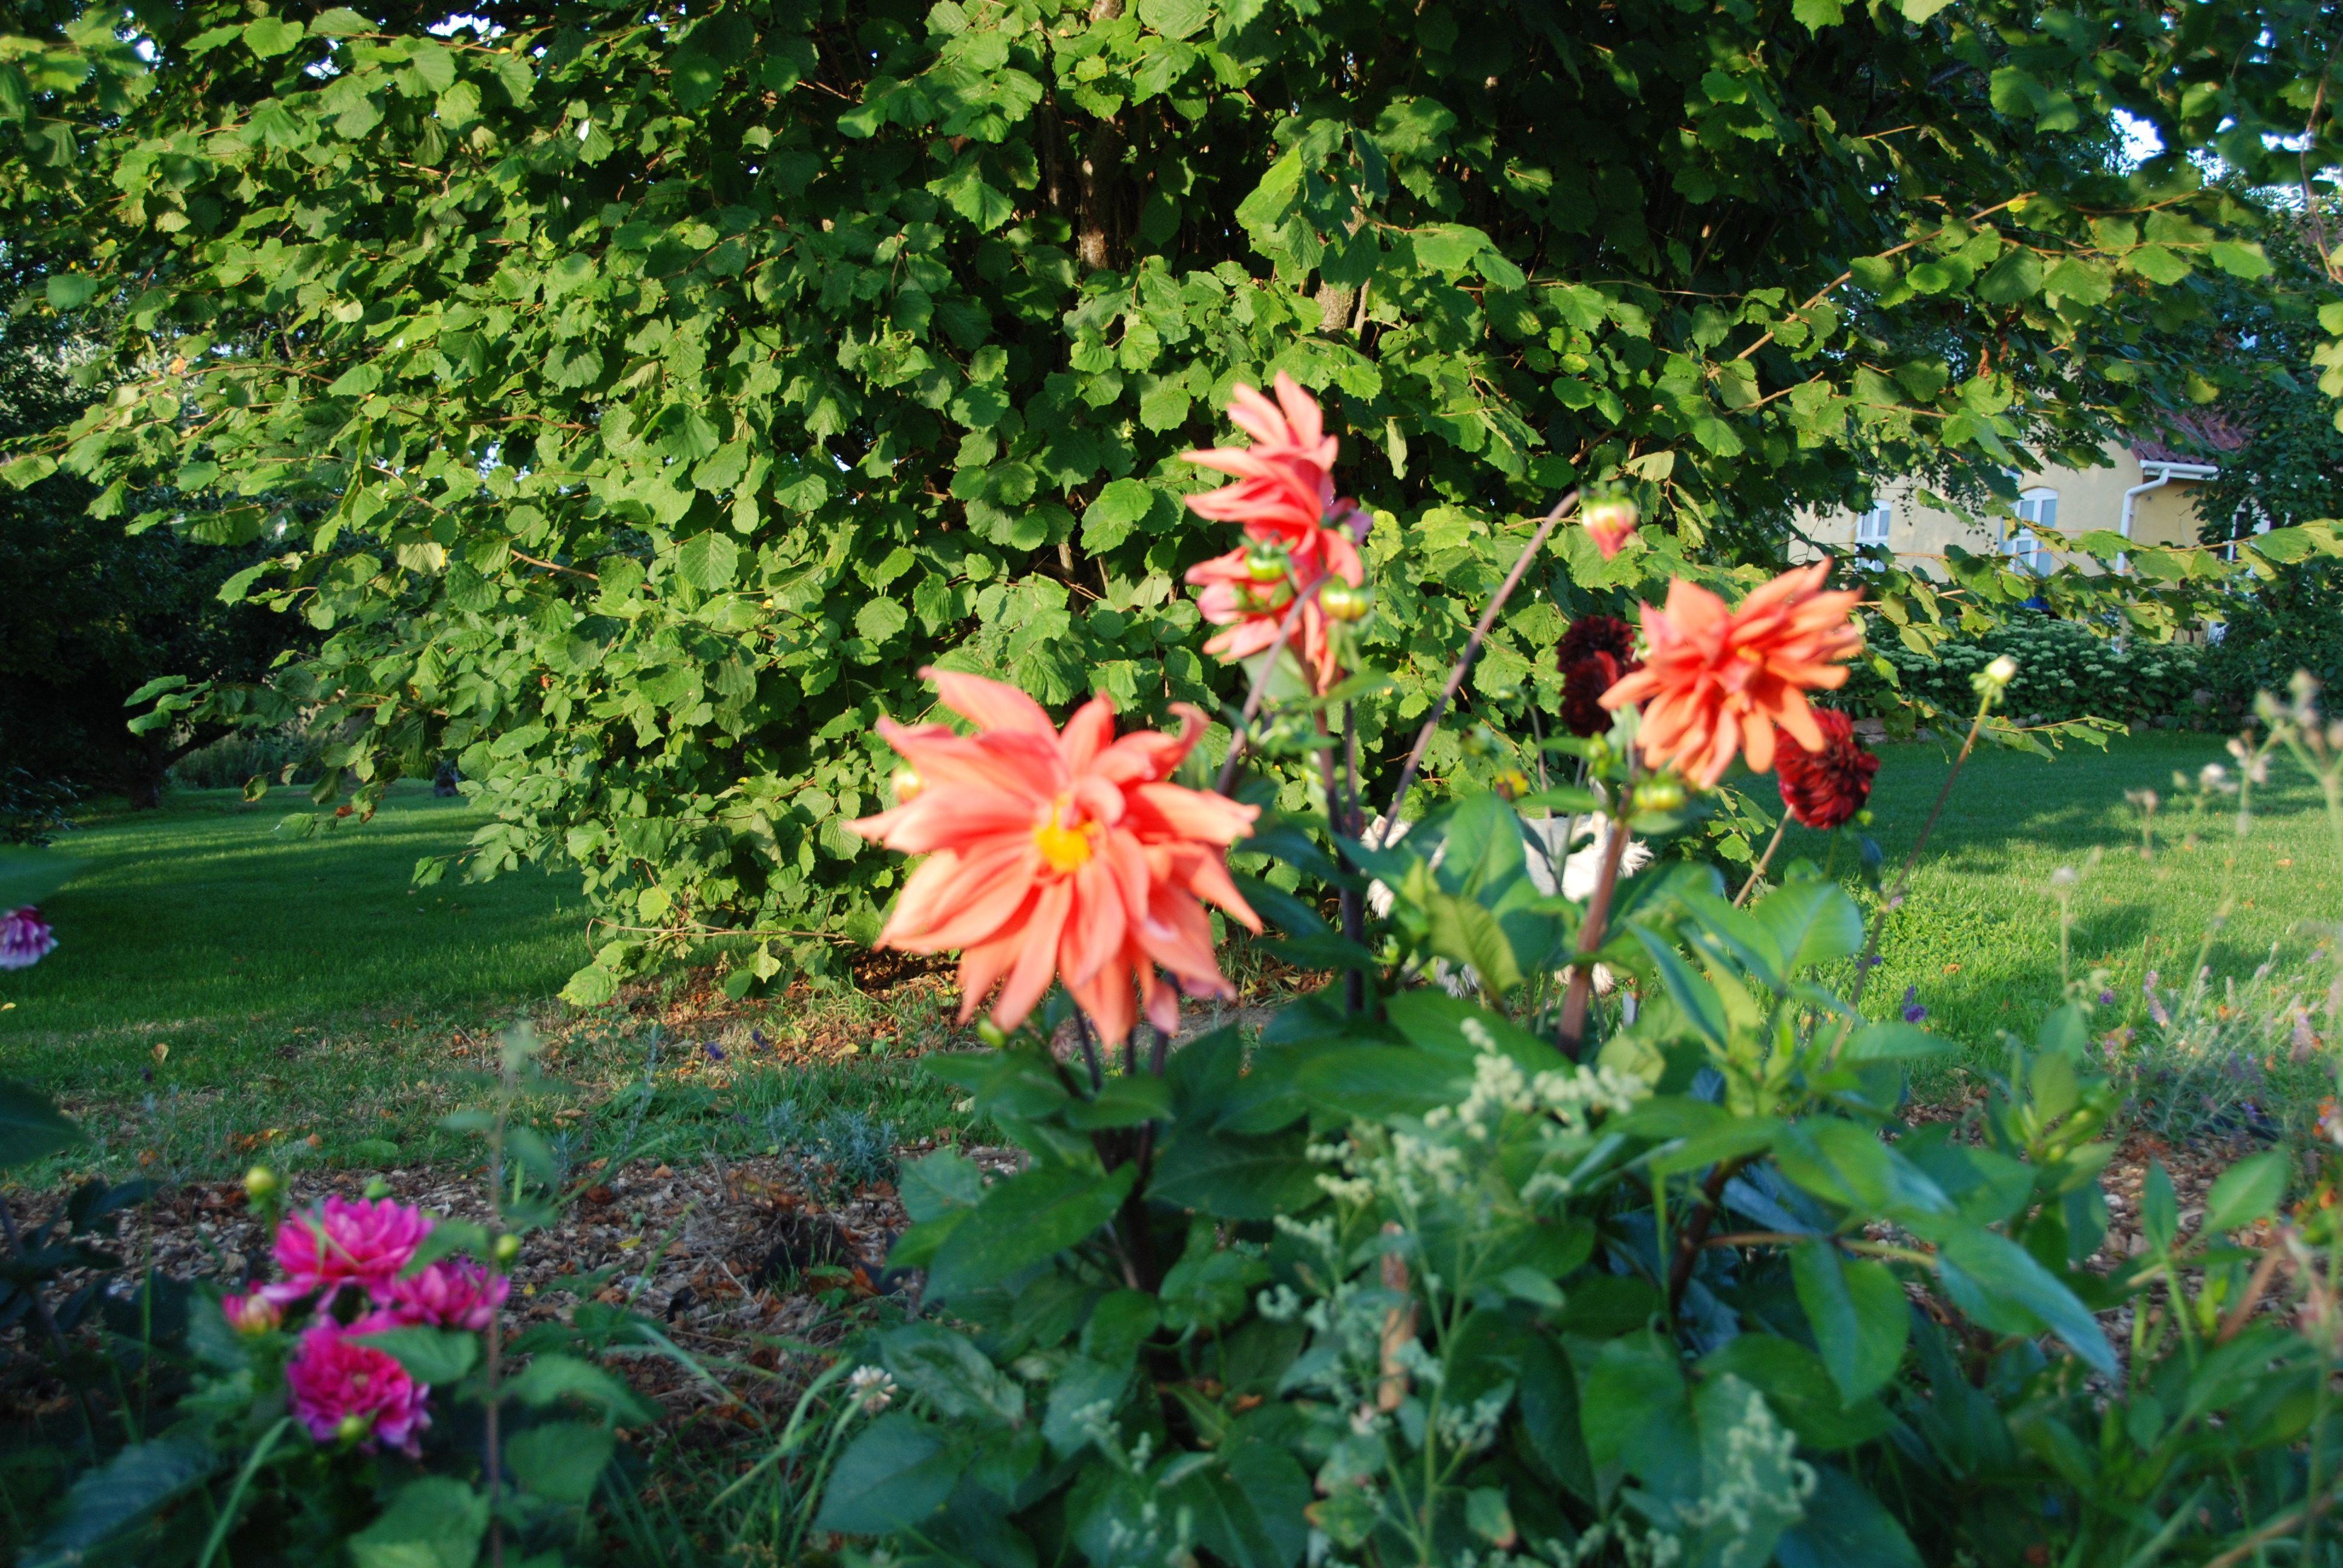 Blomster fra haven på Valdemargaard